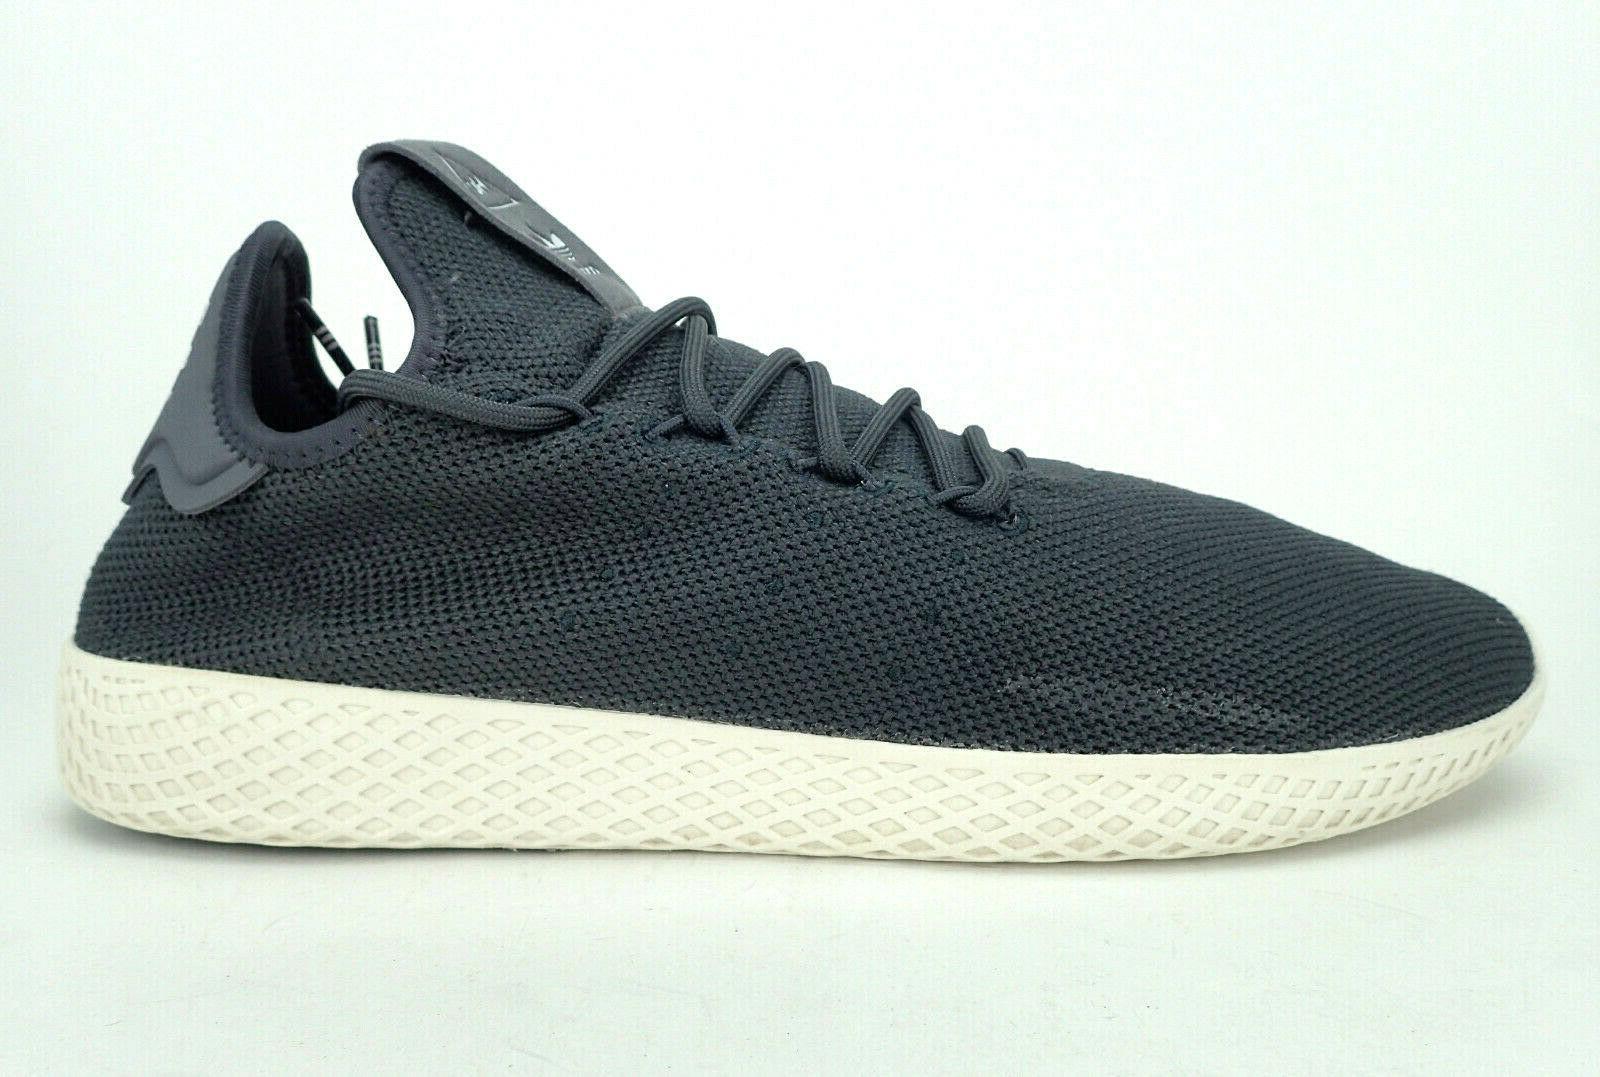 Adidas Williams Men's CQ2162